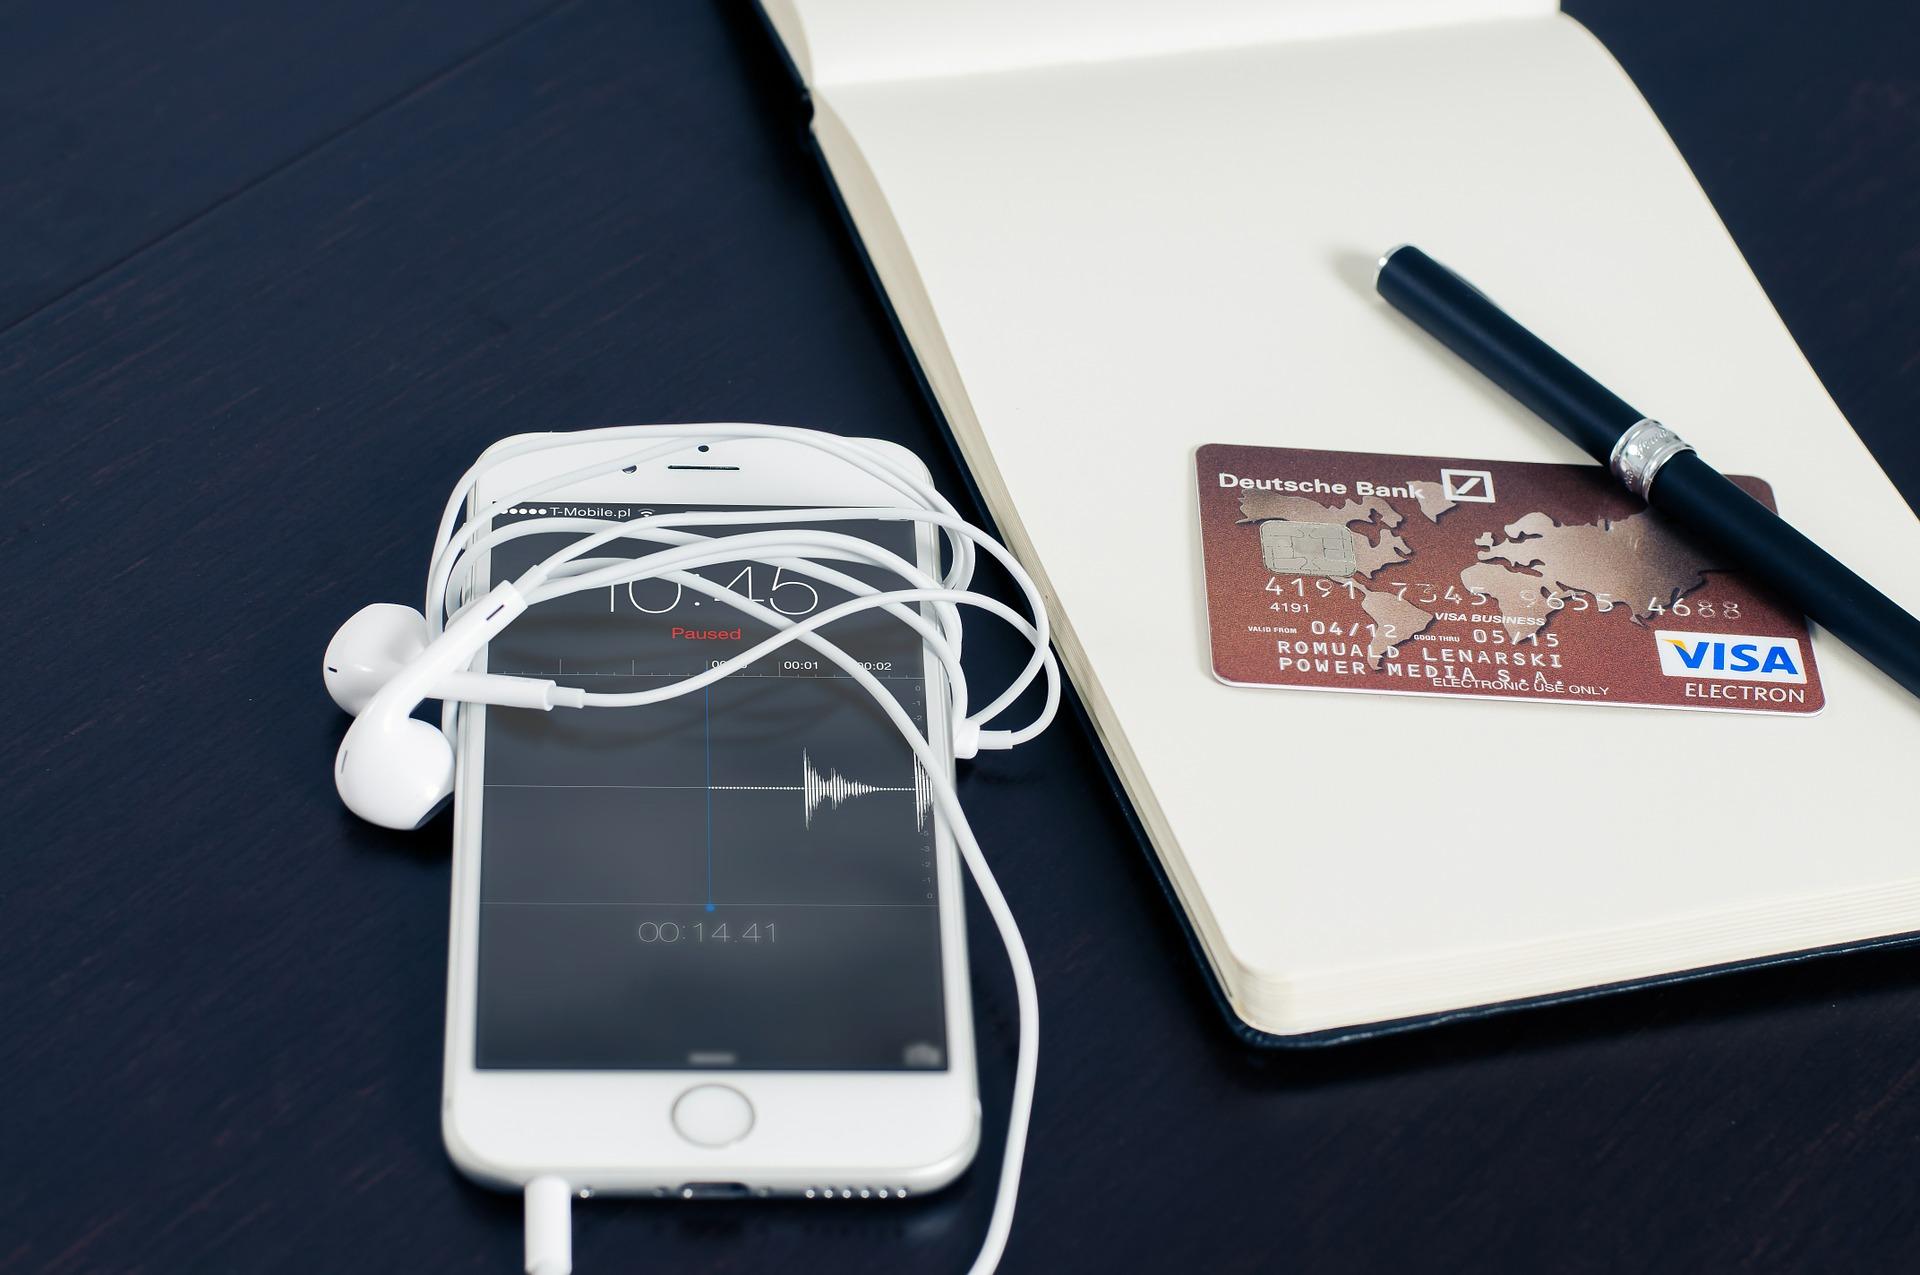 Lån penge til en ny mobiltelefon